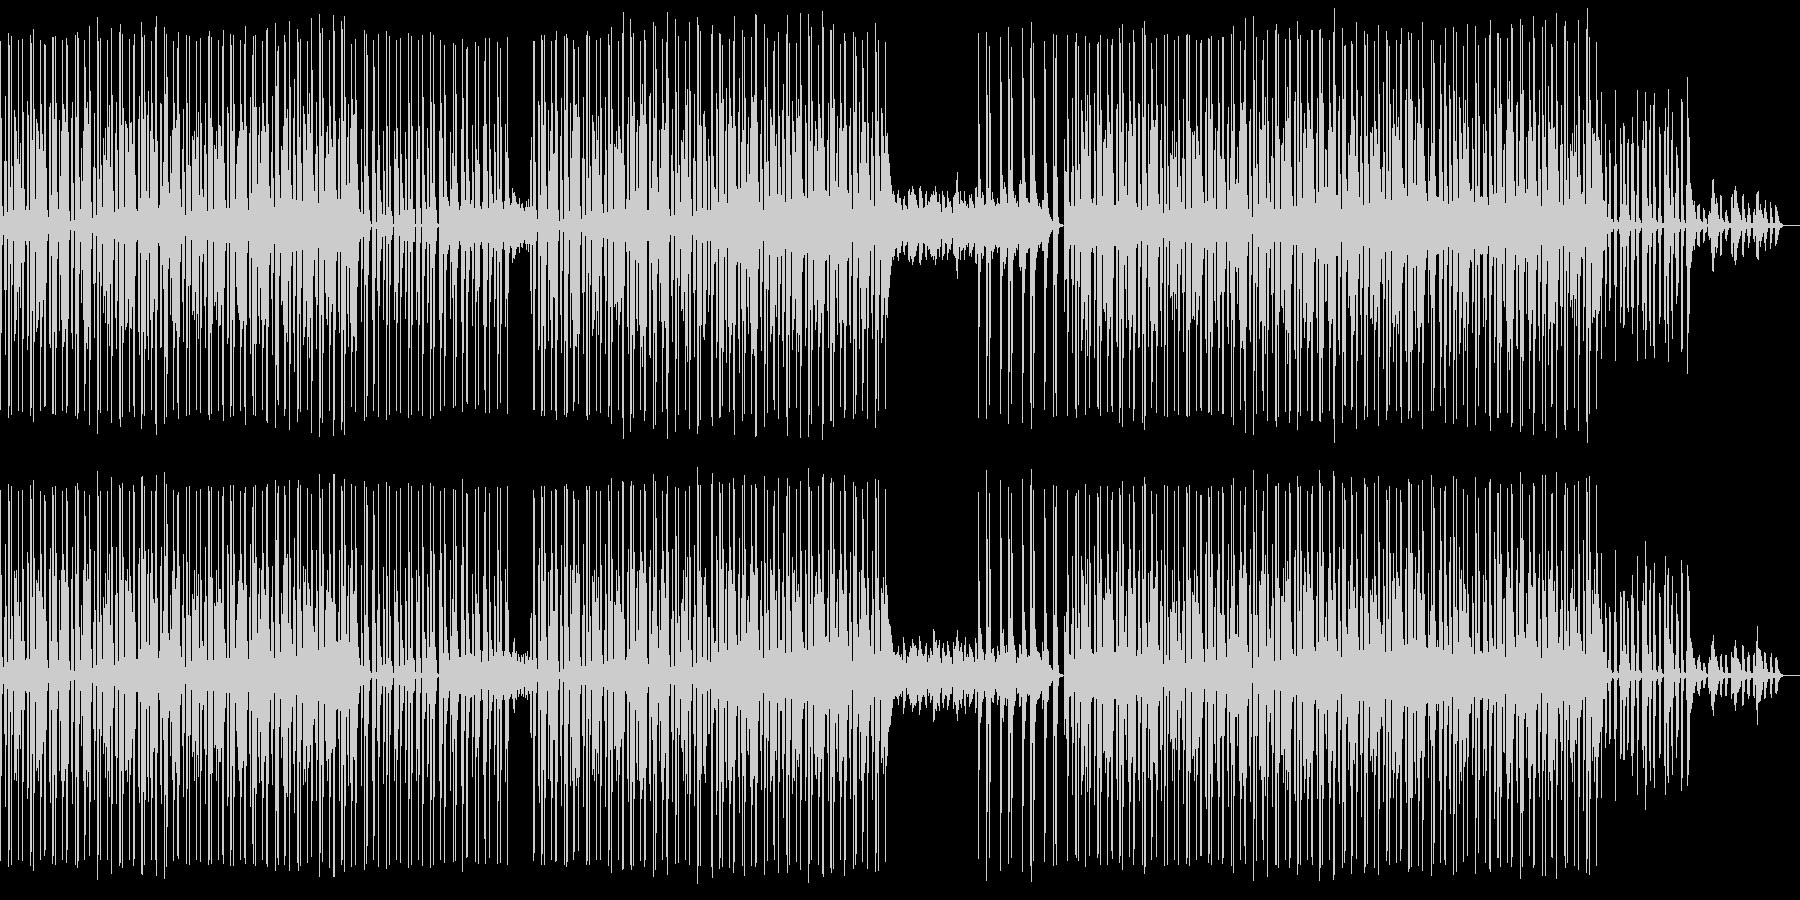 シュールでダンサブルなハウスミュージックの未再生の波形